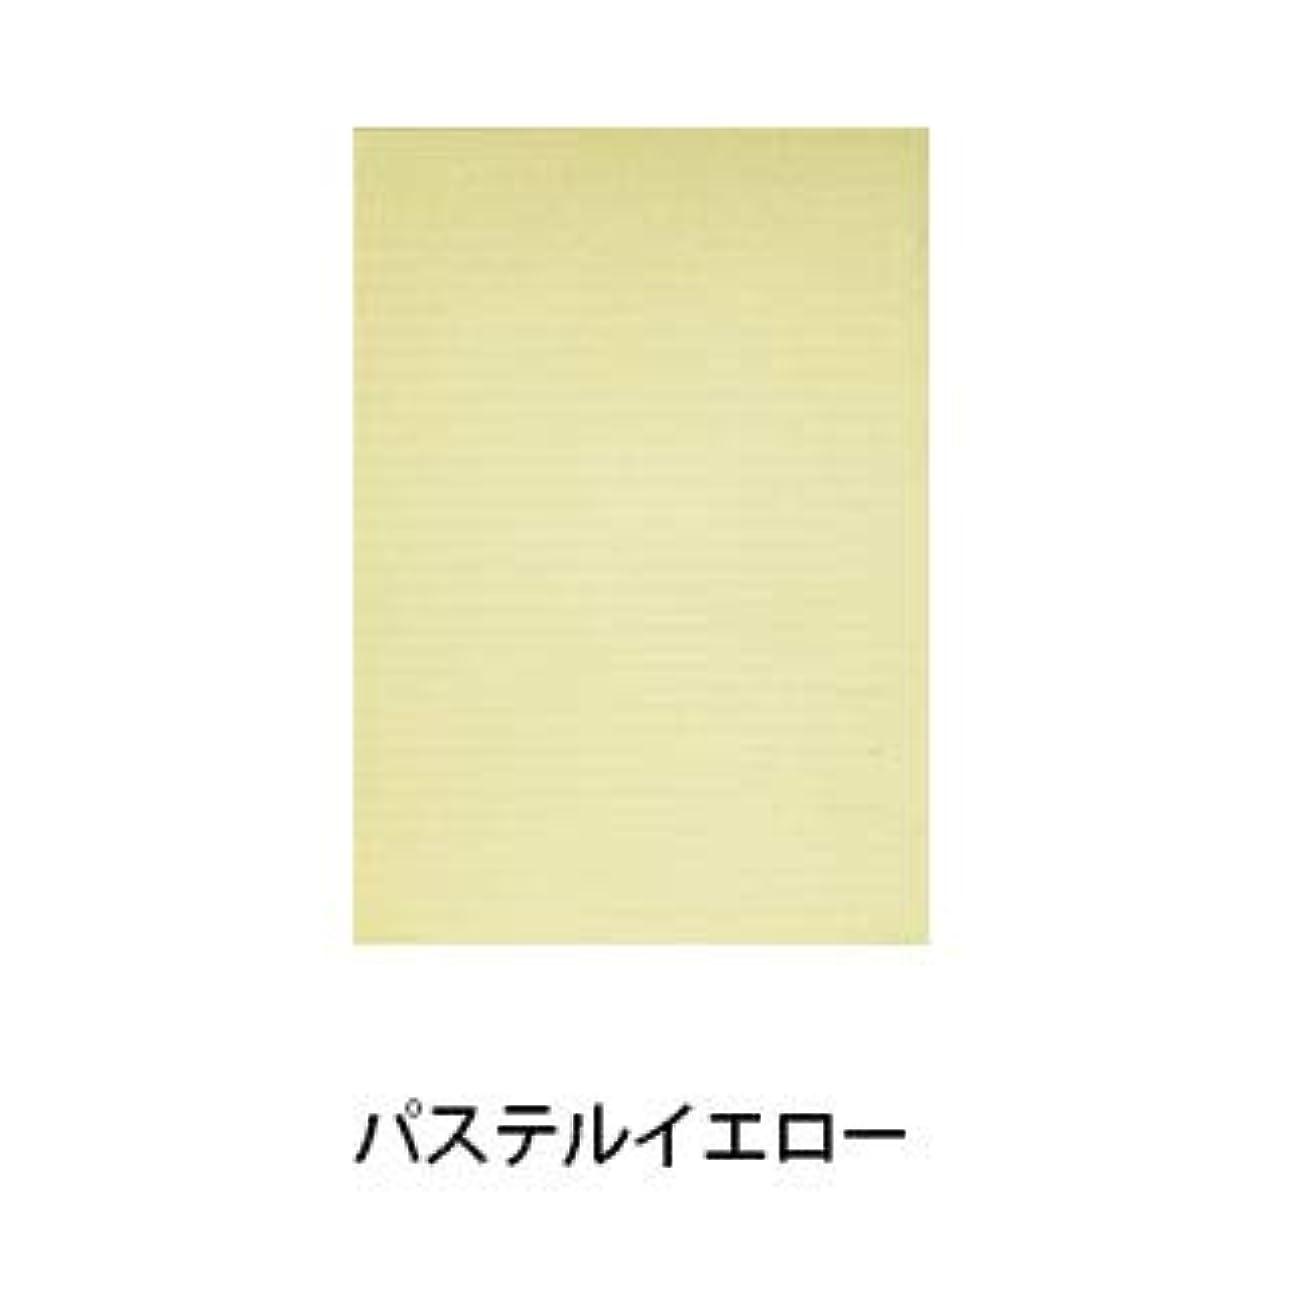 【パステルシリーズ】100枚入り ネイルシート ペーパークロス (パステルイエロー)